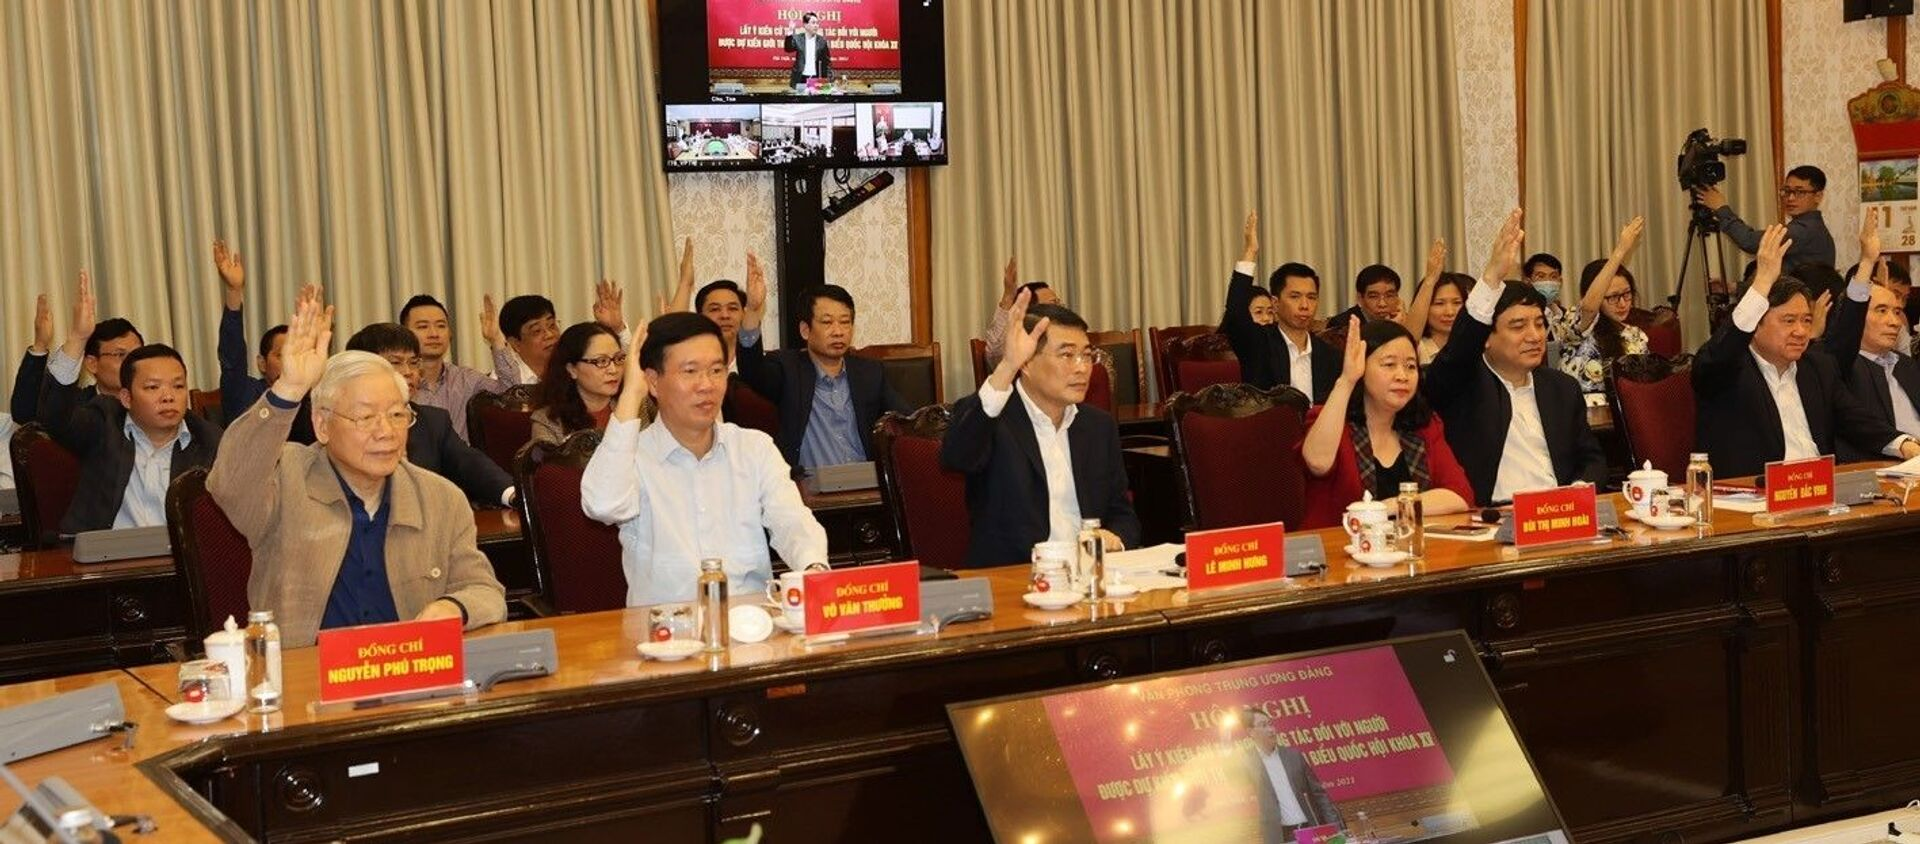 Tổng Bí thư, Chủ tịch nước Nguyễn Phú Trọng và các đại biểu giơ tay biểu quyết tại hội nghị. - Sputnik Việt Nam, 1920, 11.03.2021